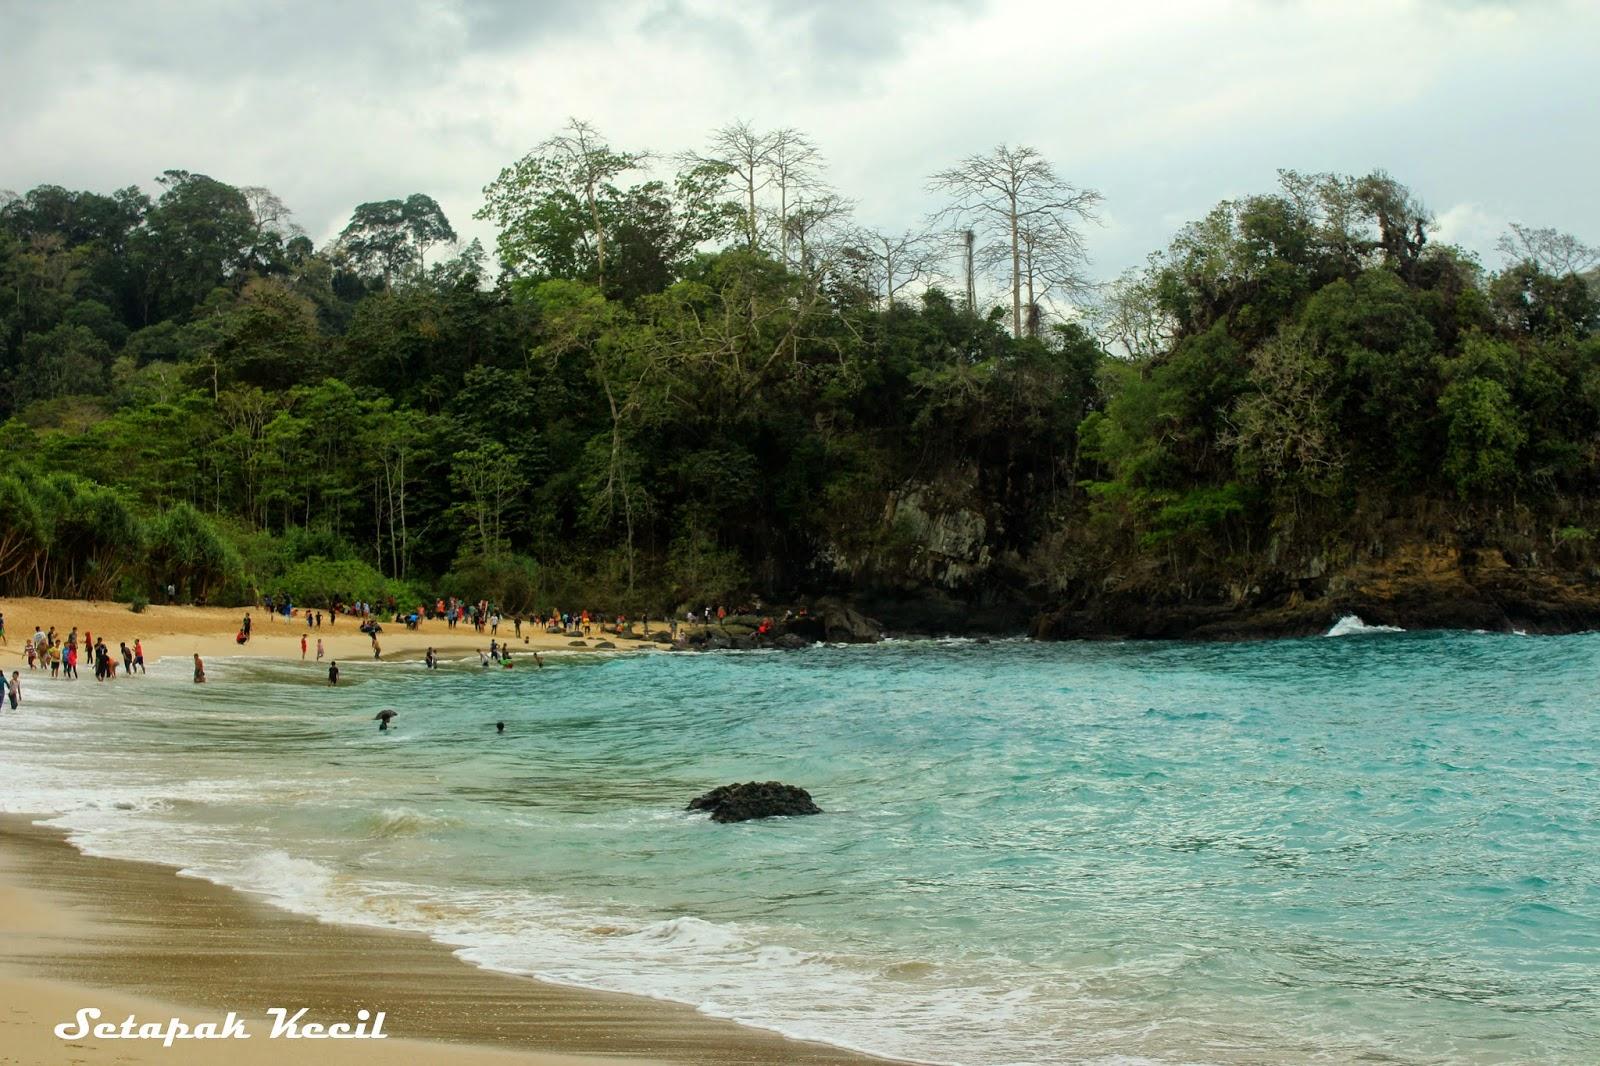 Setapak Kecil Green Bay Mutiara Hijau Di Taman Nasional Meru Betiri